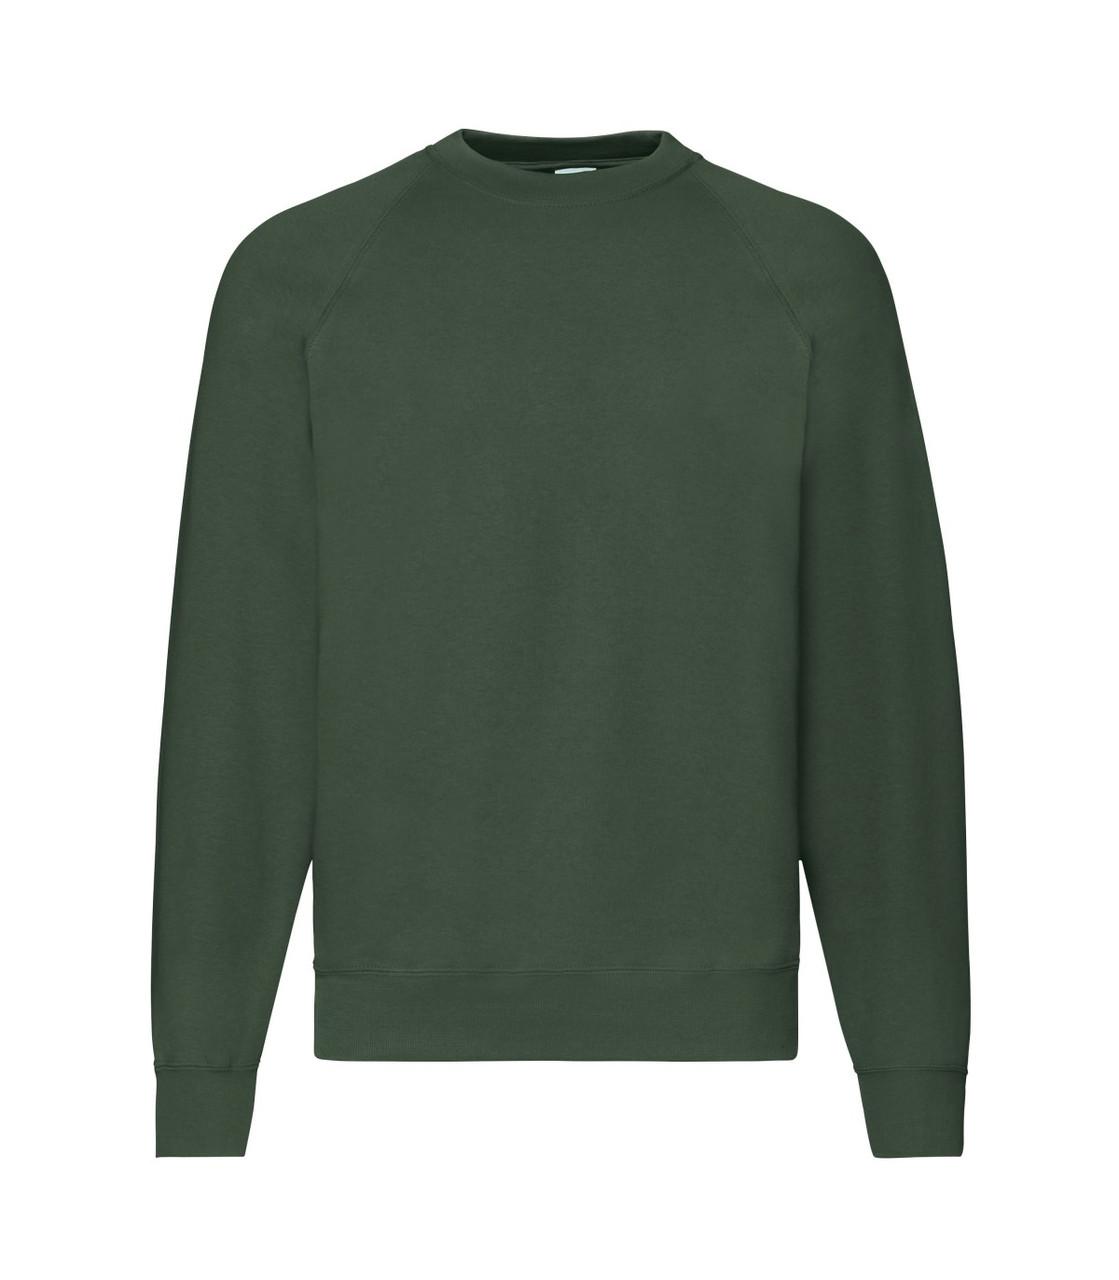 Мужской свитер-реглан утепленный темно-зеленый 216-38